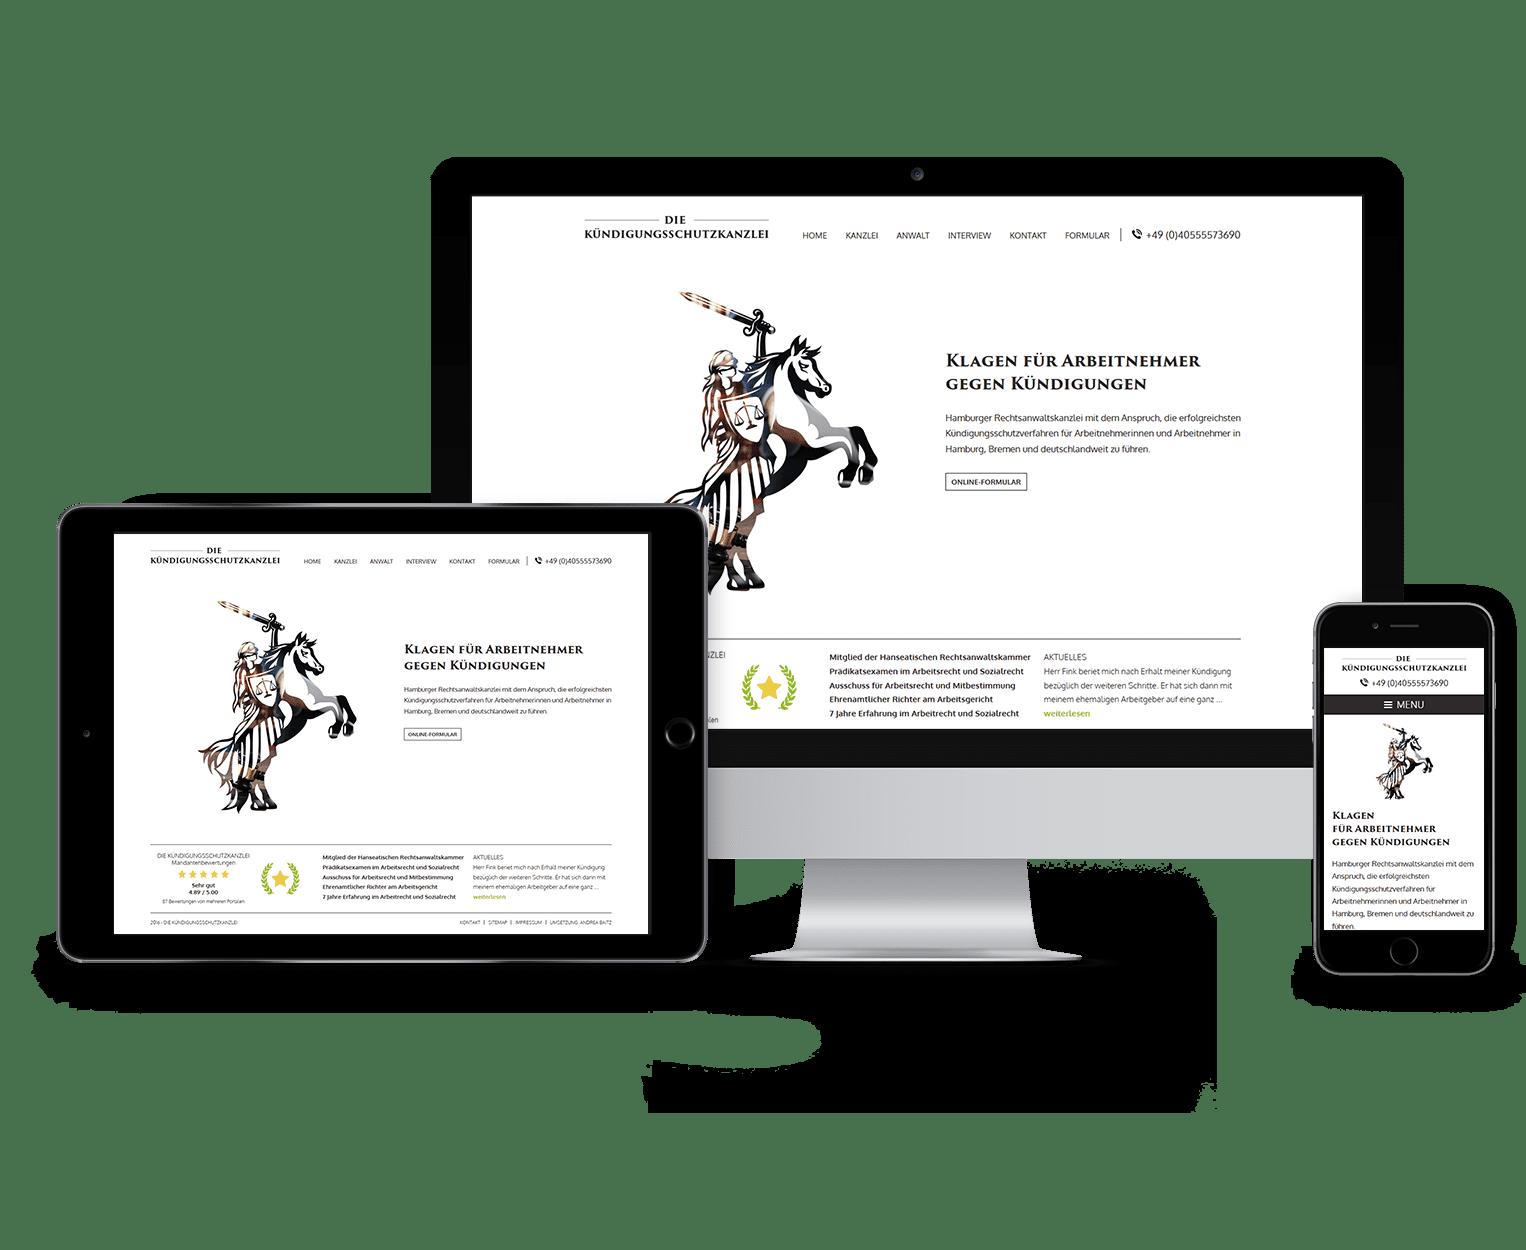 Webdesign, Webseite Die Kündigungsschutzkanzlei, Kanzlei gegen Kündigungen in Hamburg